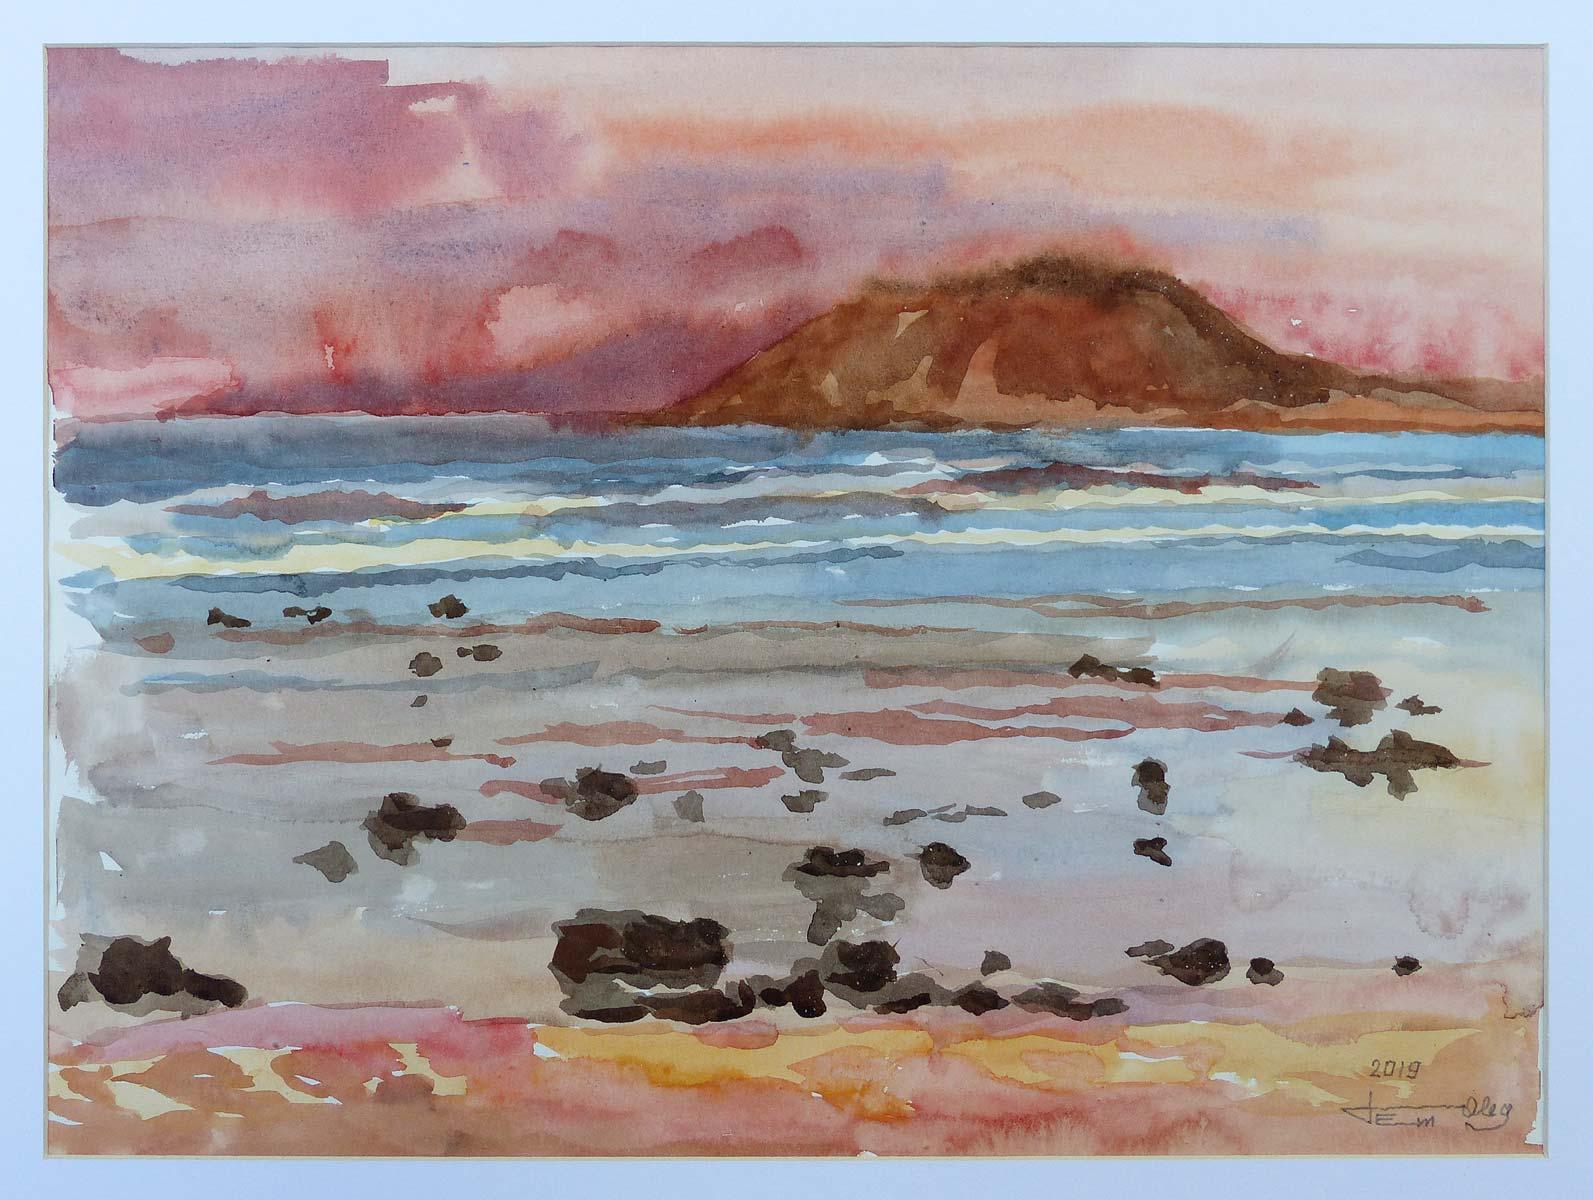 Oleg_Petounine_Fuerteventura_paysage_aquarelle_29x40cm_2019